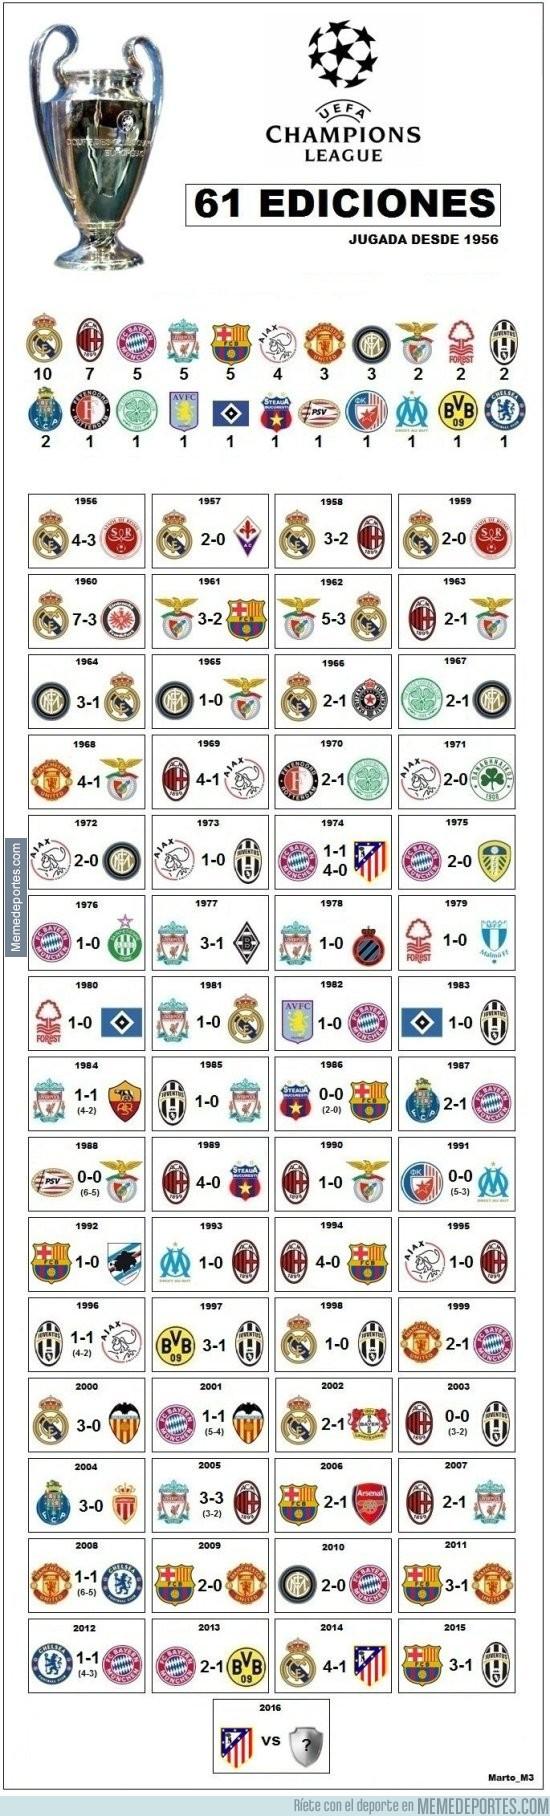 850605 - Todas las finales de Champions desde 1956!